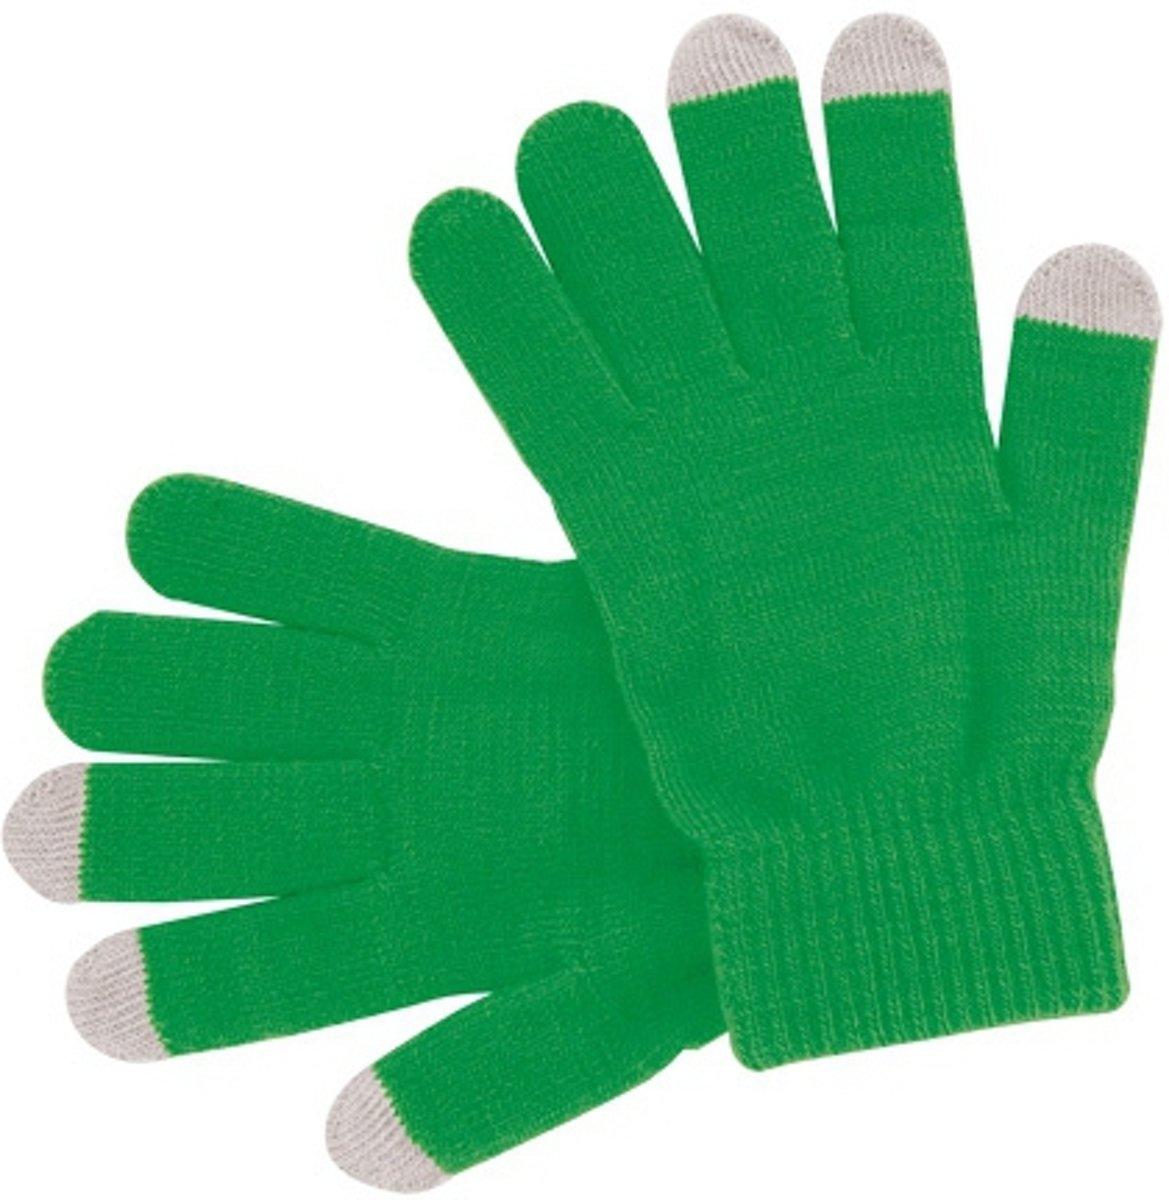 Smartphone Handschoen - Werkt op Touchscreen - Groen kopen